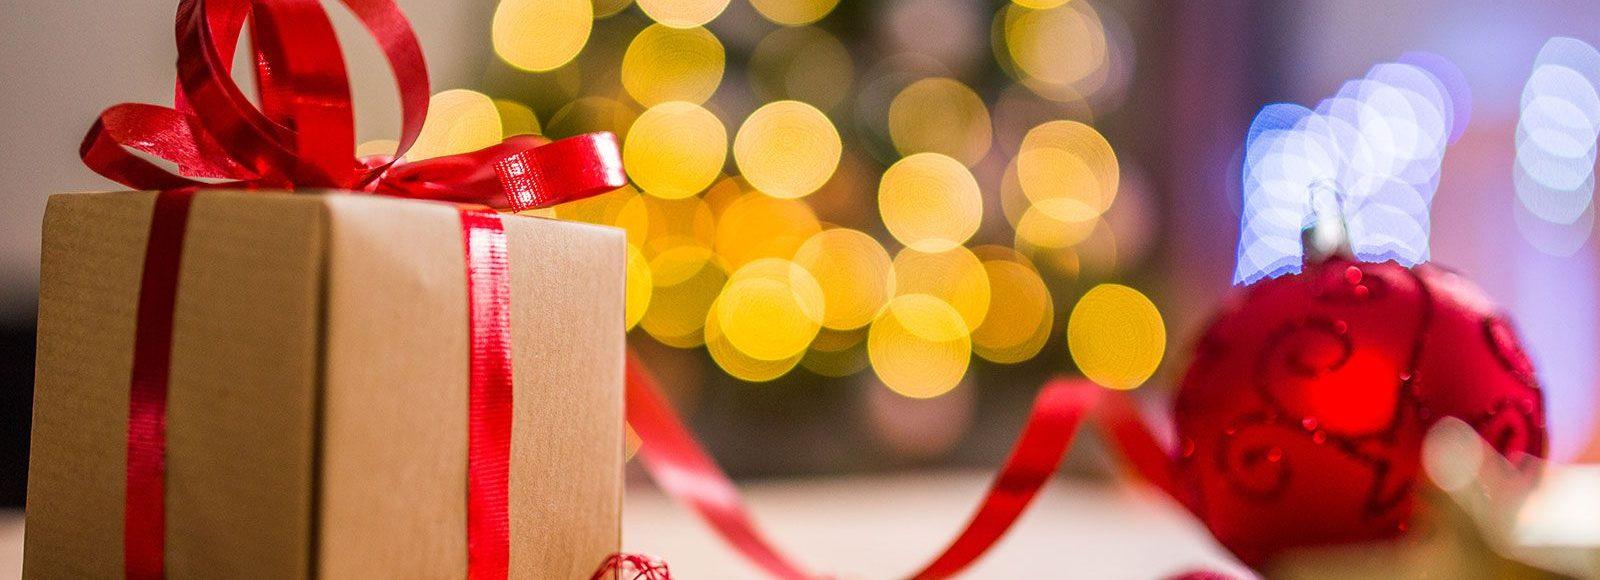 Cadeaux de Noël enfants